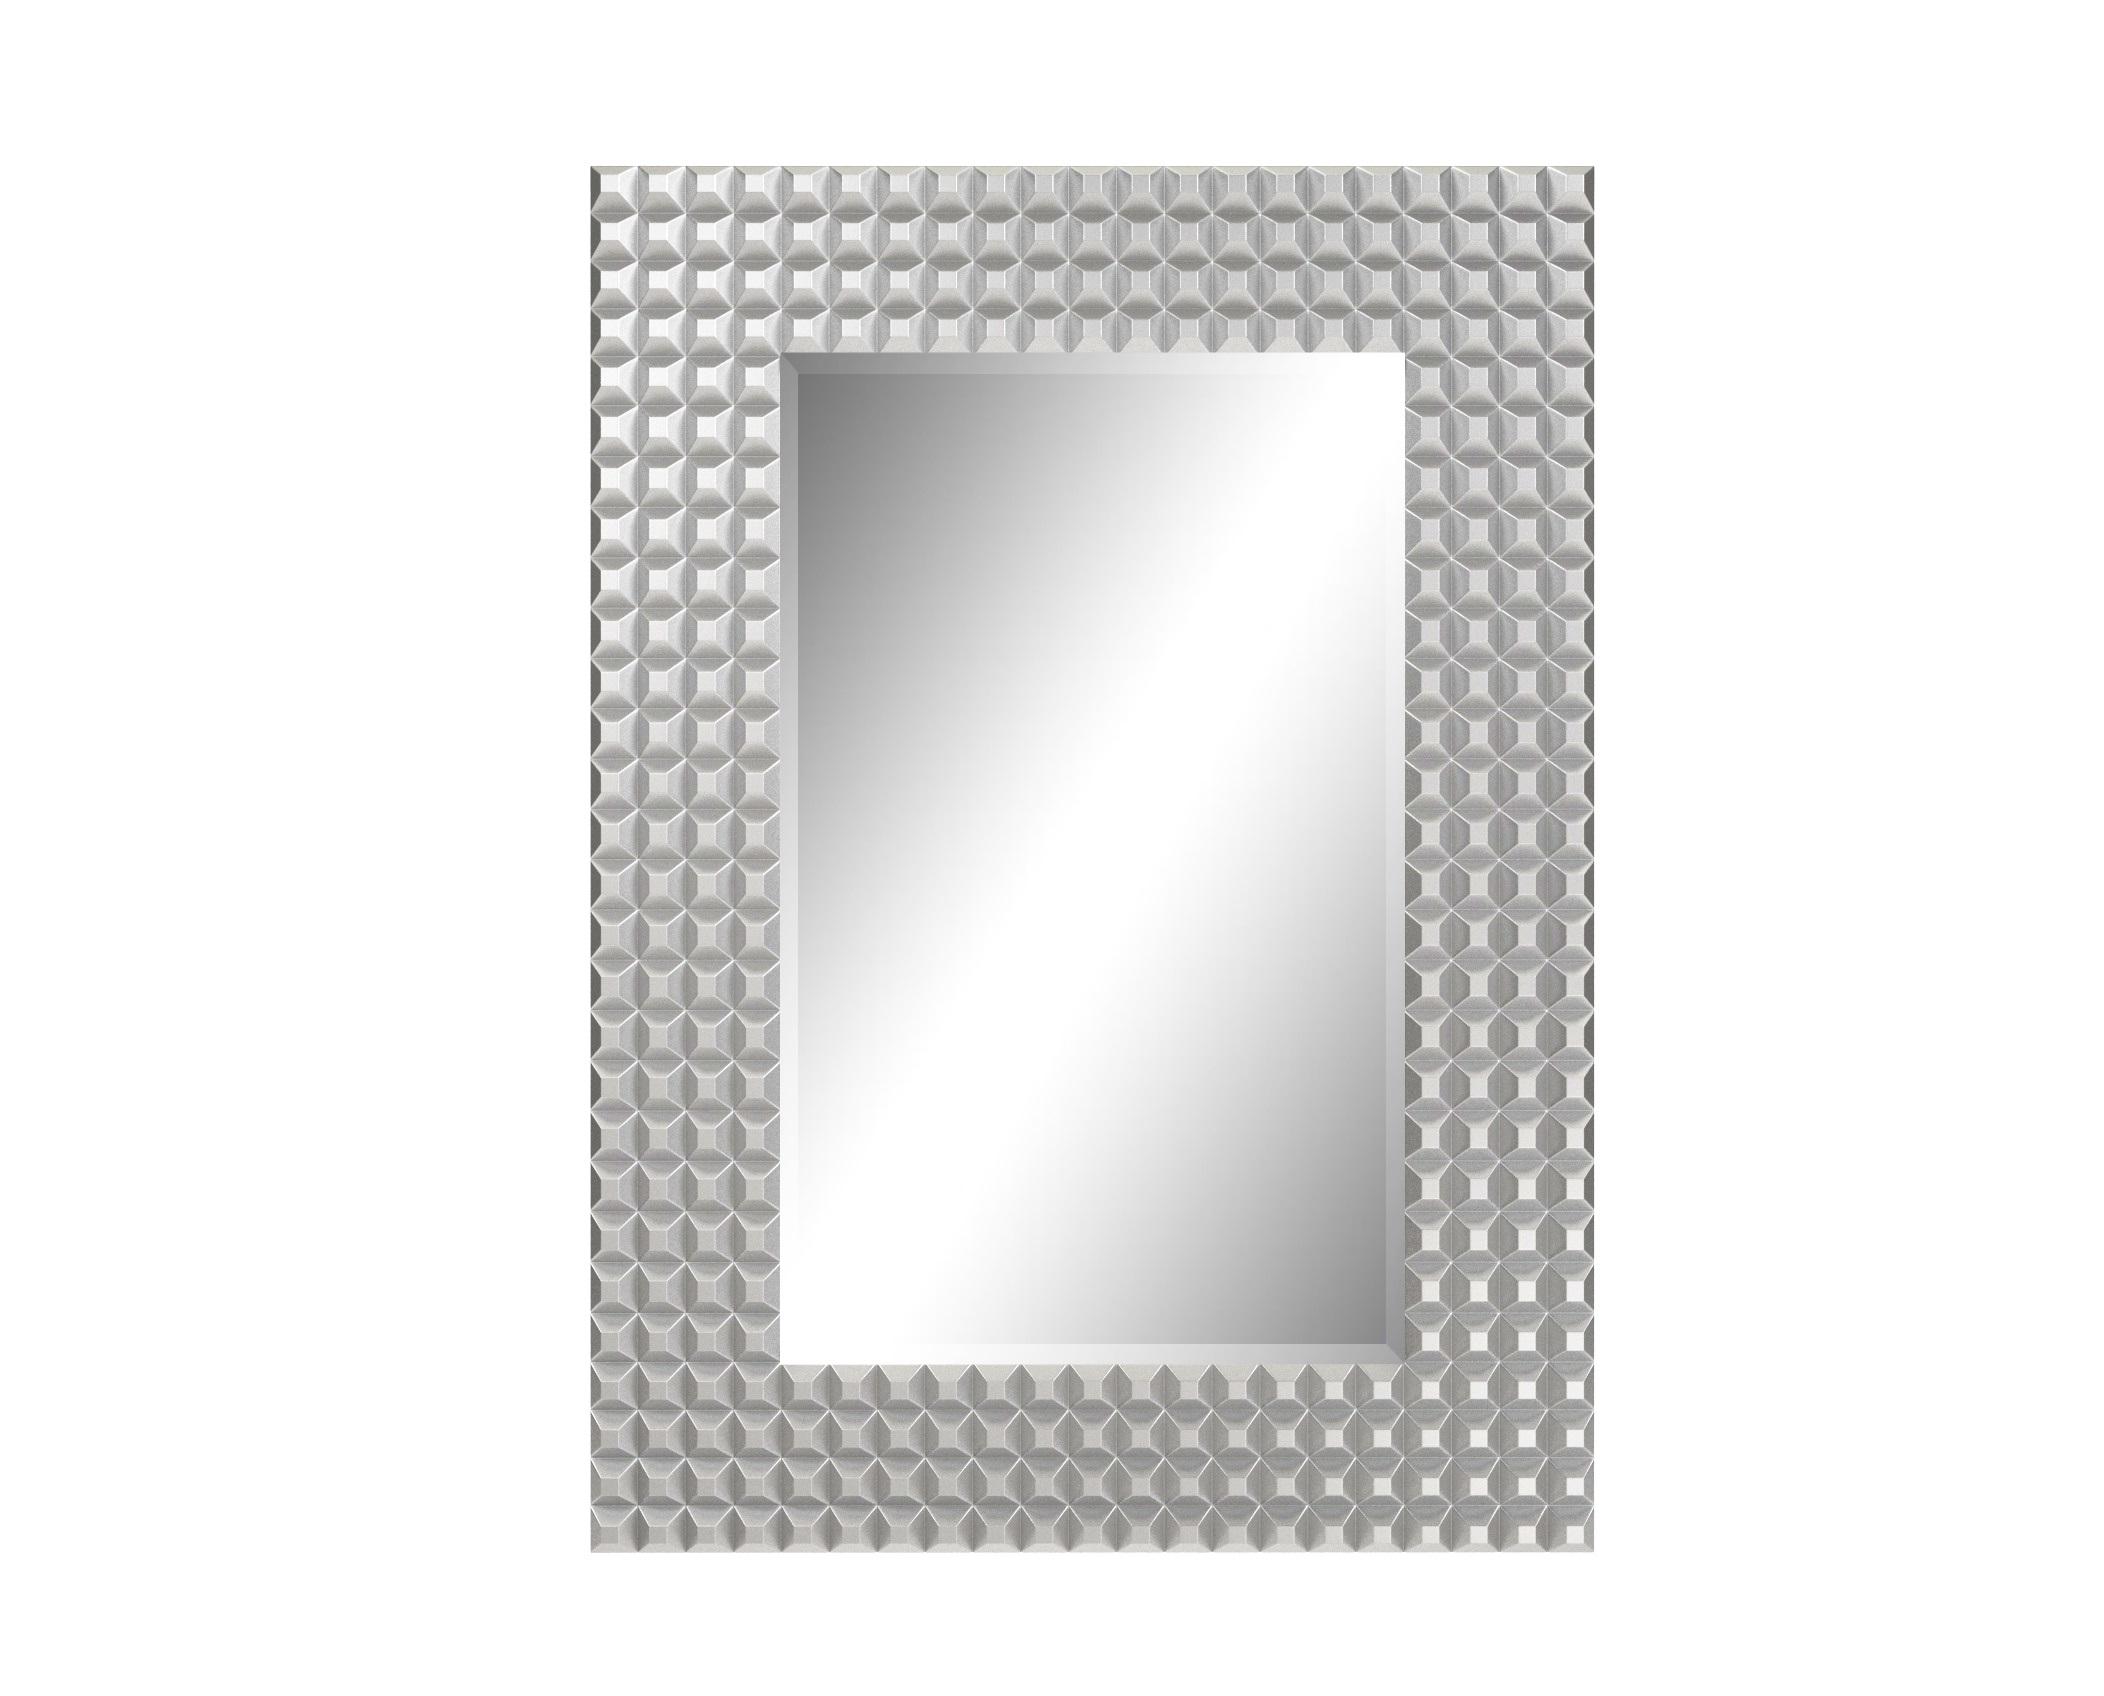 Зеркало Ambicioni 15437924 от thefurnish